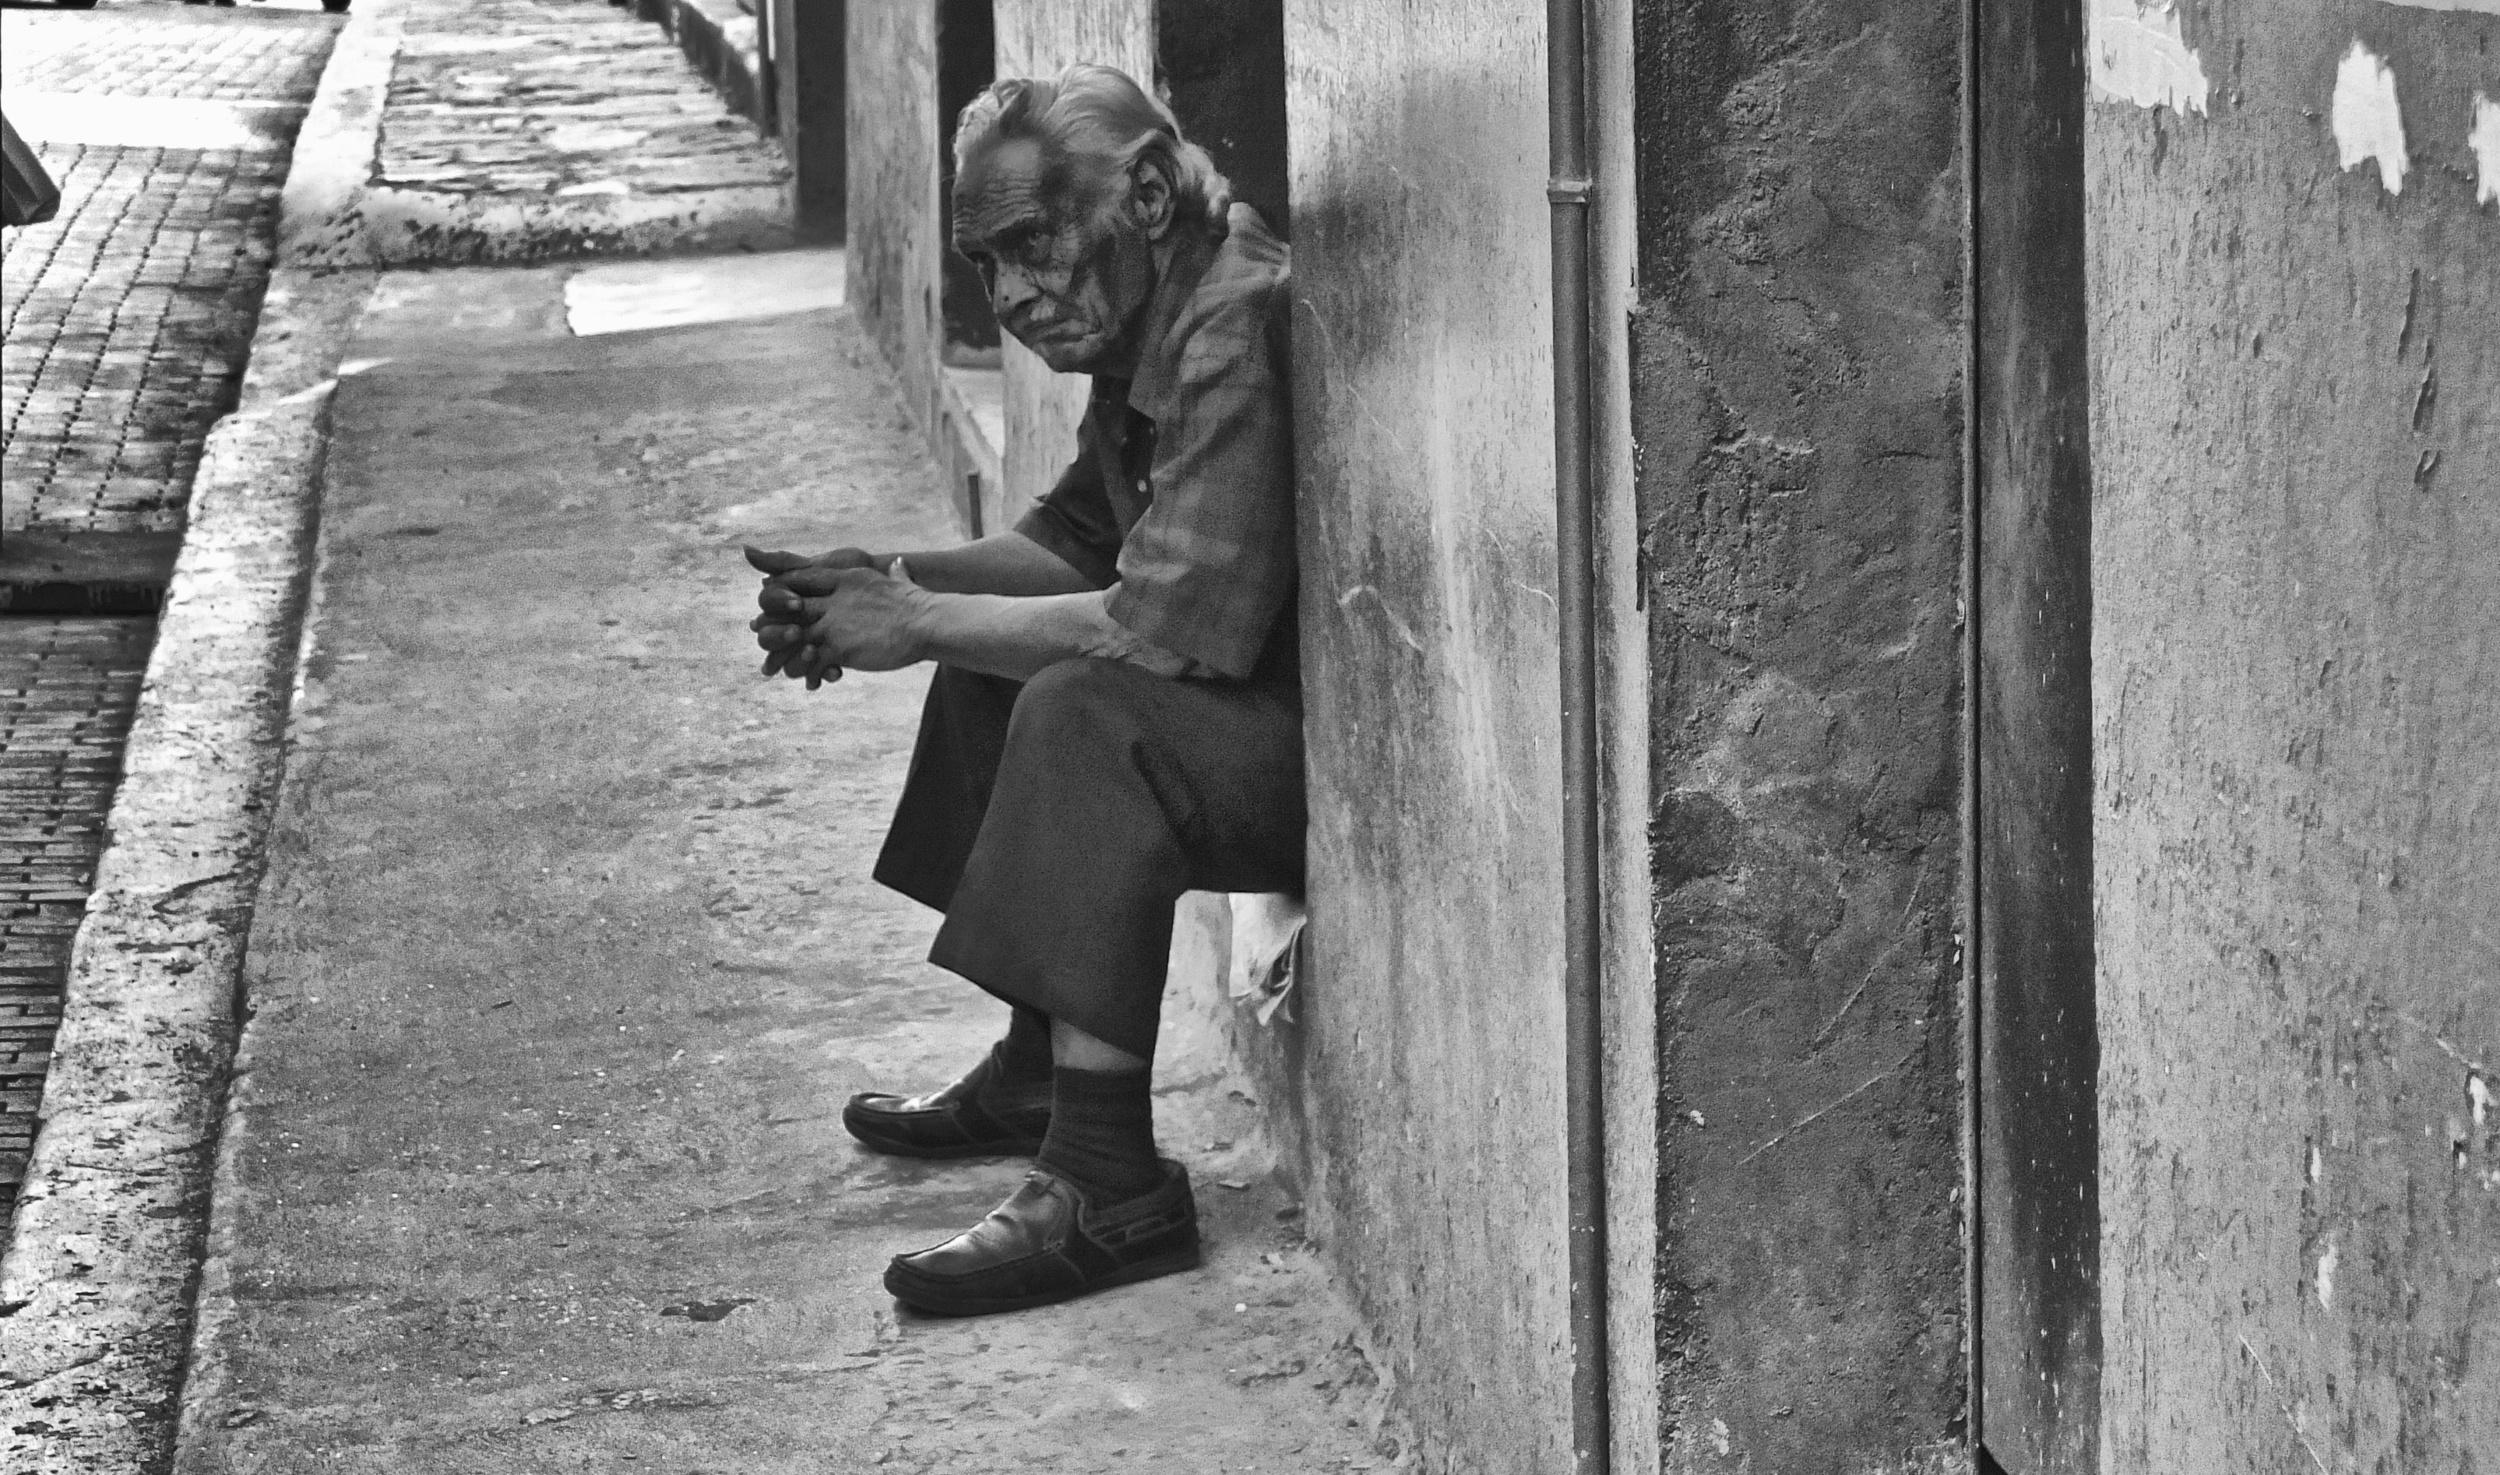 2012-12-31 at 09-38-02 Black & White, Old Man, Sidewalk, Street, Waiting, Watching.jpg